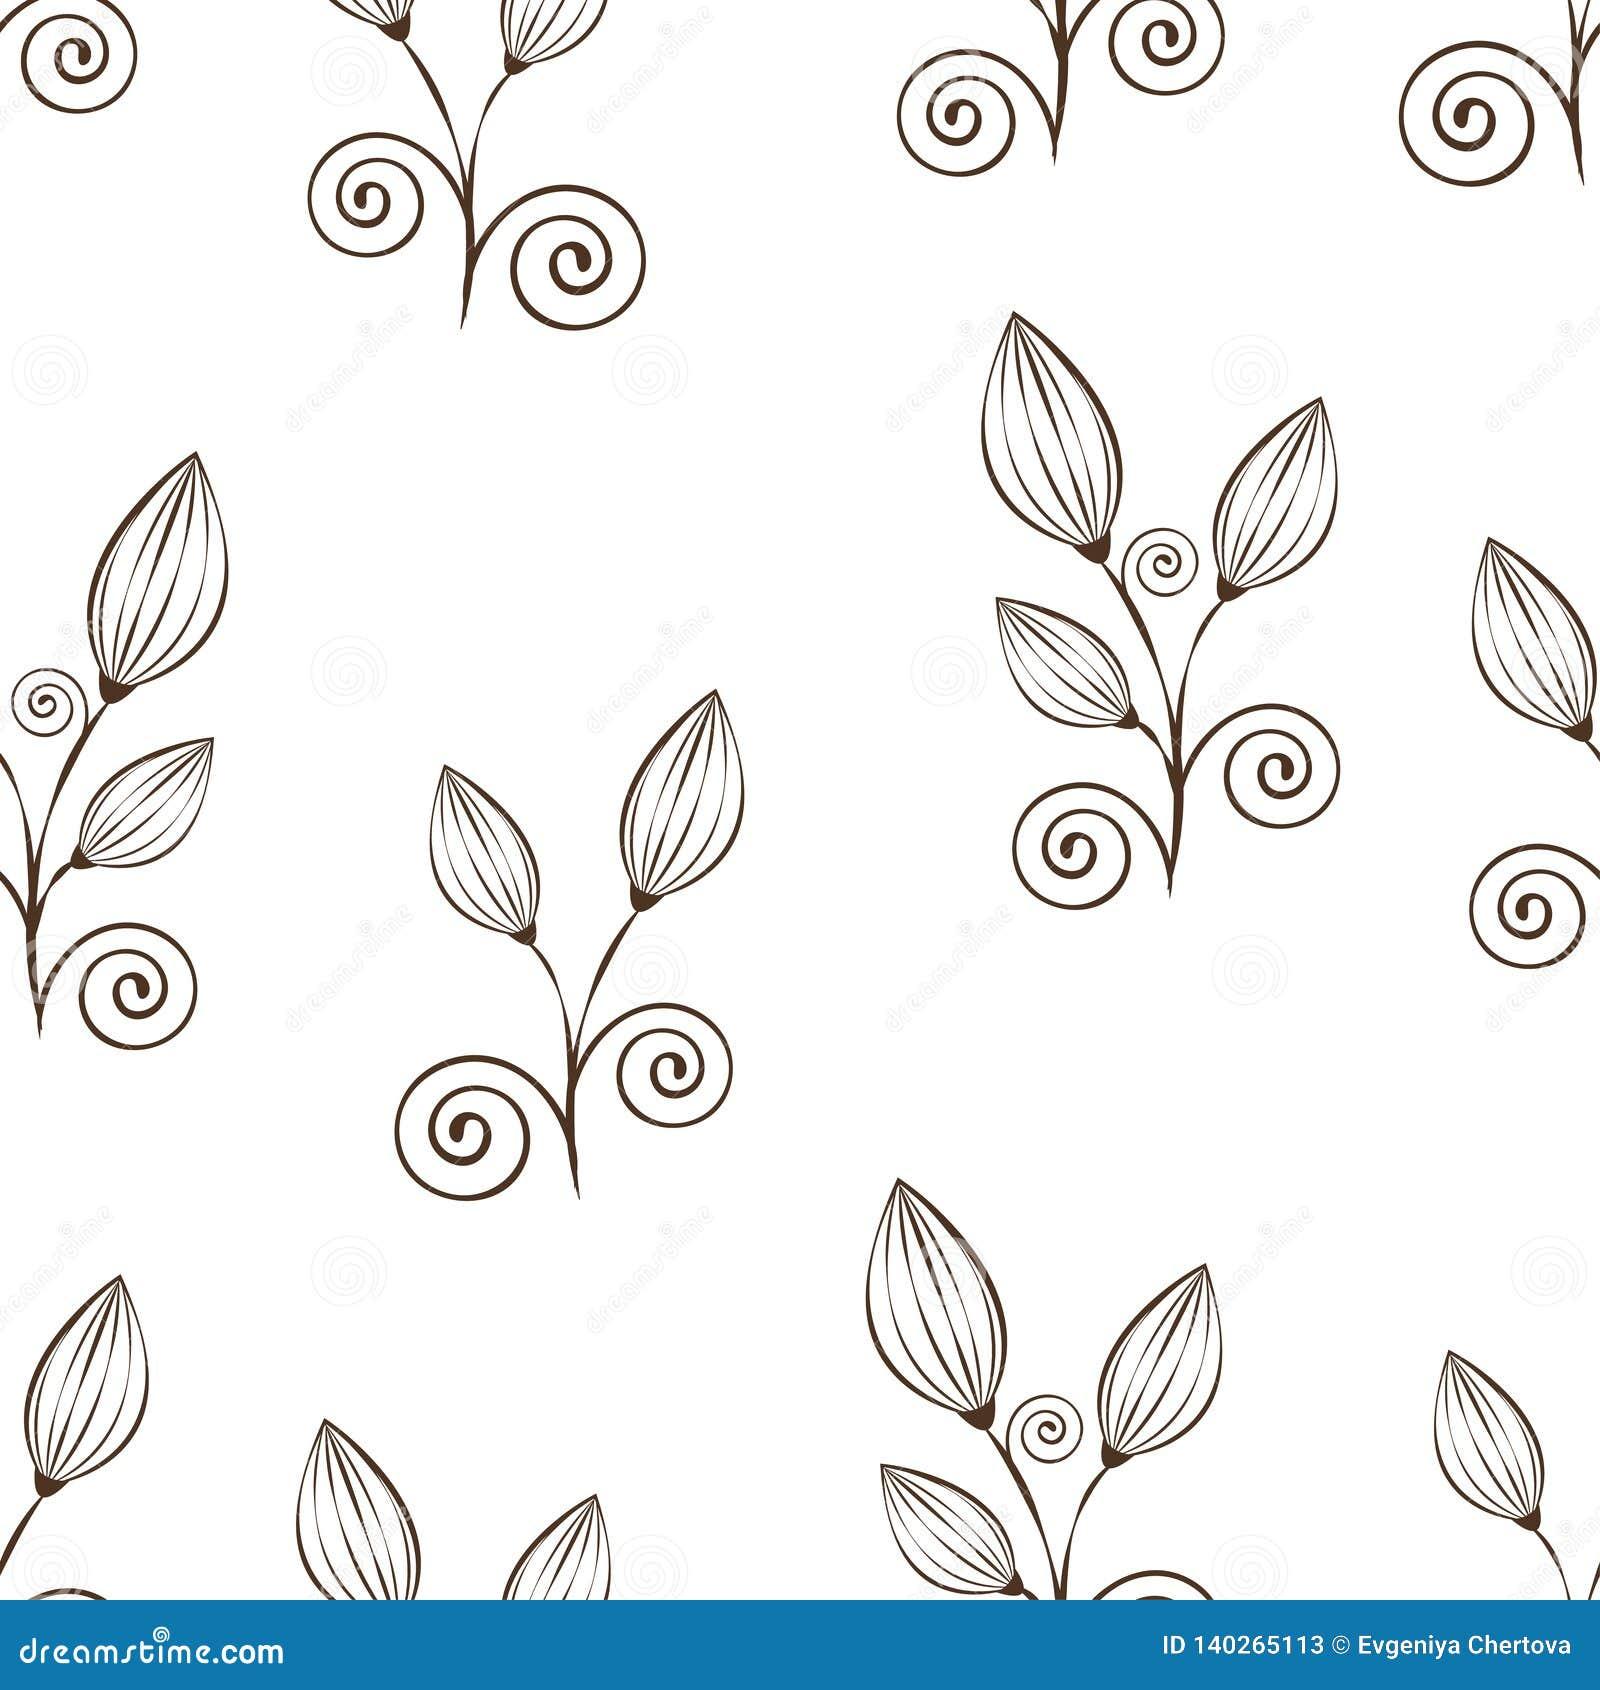 Αφηρημένο άνευ ραφής σχέδιο λουλουδιών, γραπτό σχέδιο χεριών περιλήψεων, γραμμική απεικόνιση, διανυσματικό μονοχρωματικό υπόβαθρο